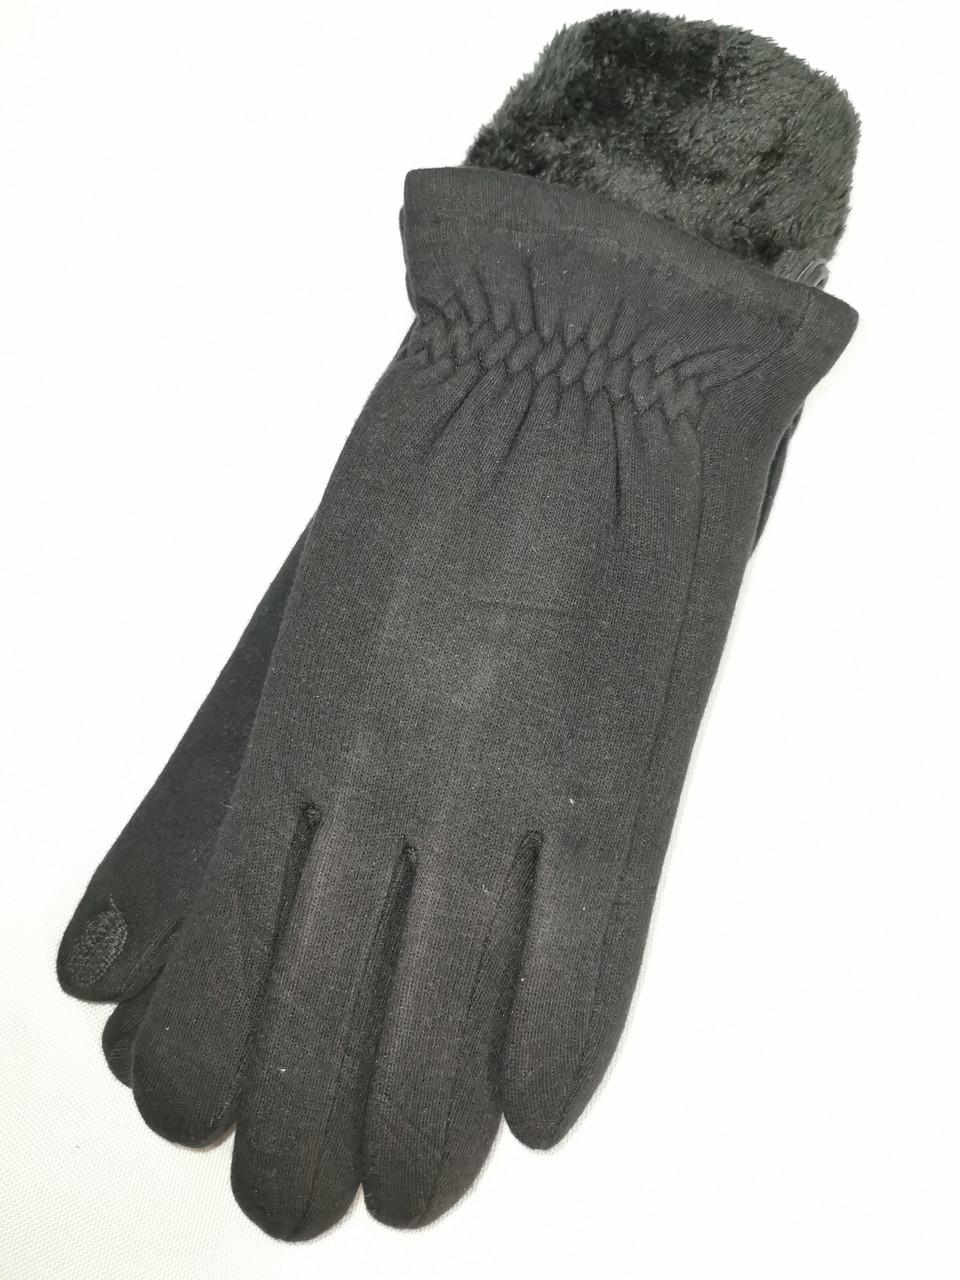 Сенсорны трикотаж з Арктичний оксамит Angel рукавички чоловічі тільки оптом